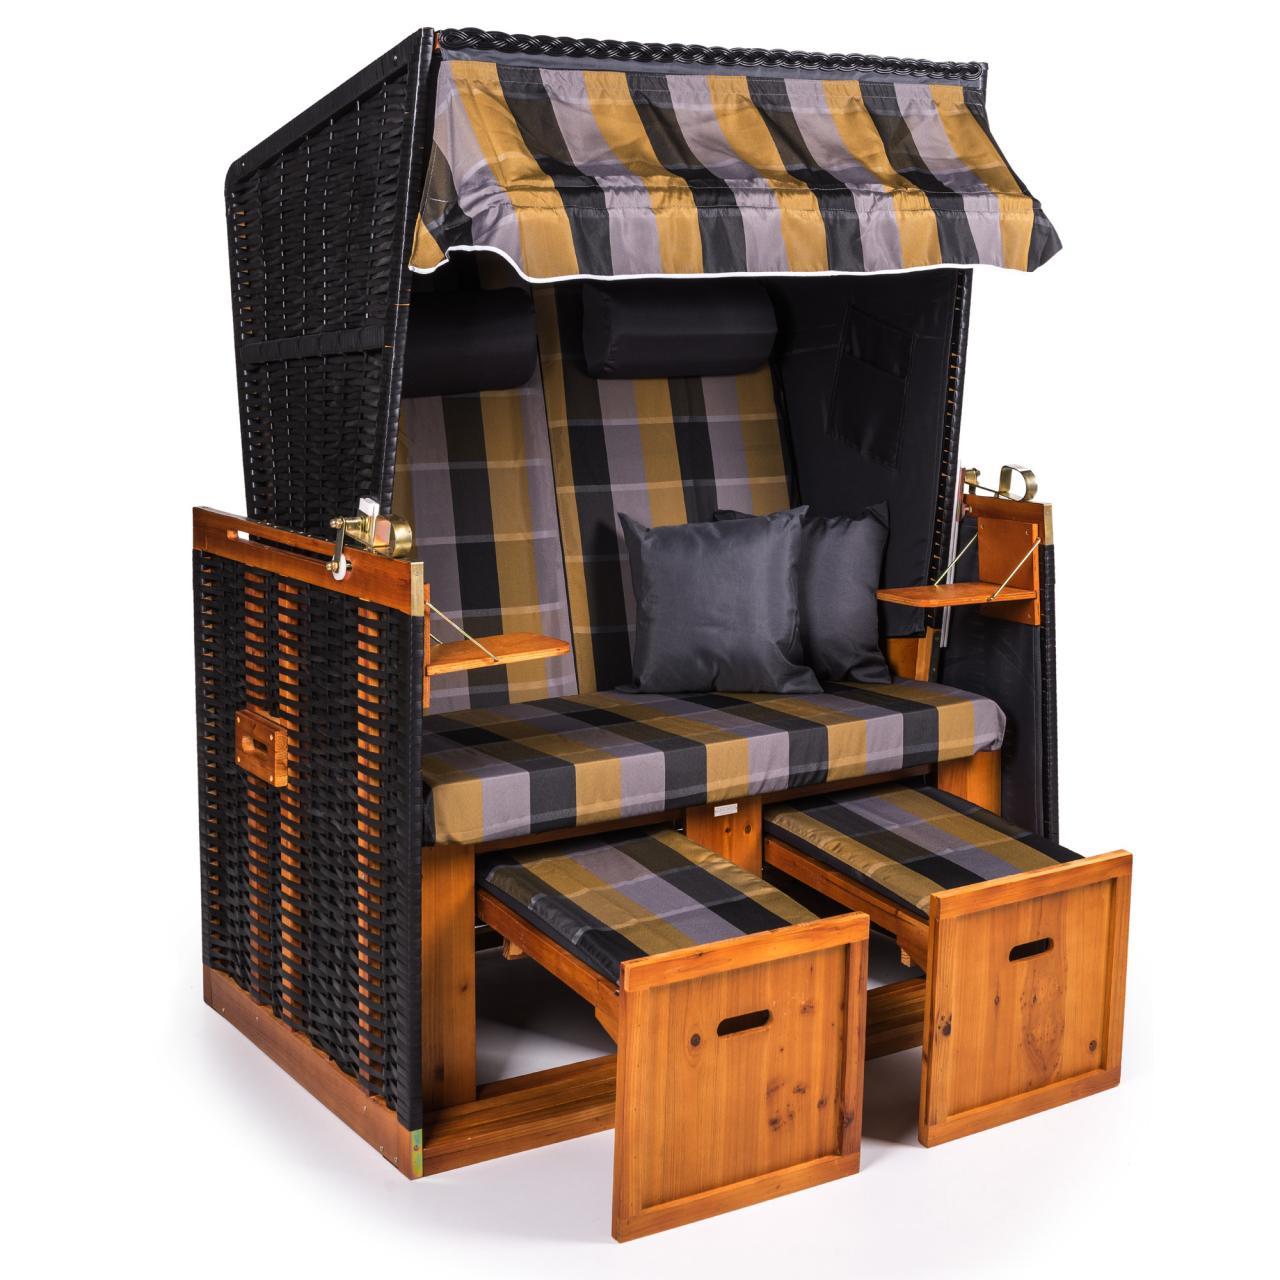 xxl strandkorb premium nordsee volllieger gartenm bel gartenliege sonnenliege ebay. Black Bedroom Furniture Sets. Home Design Ideas